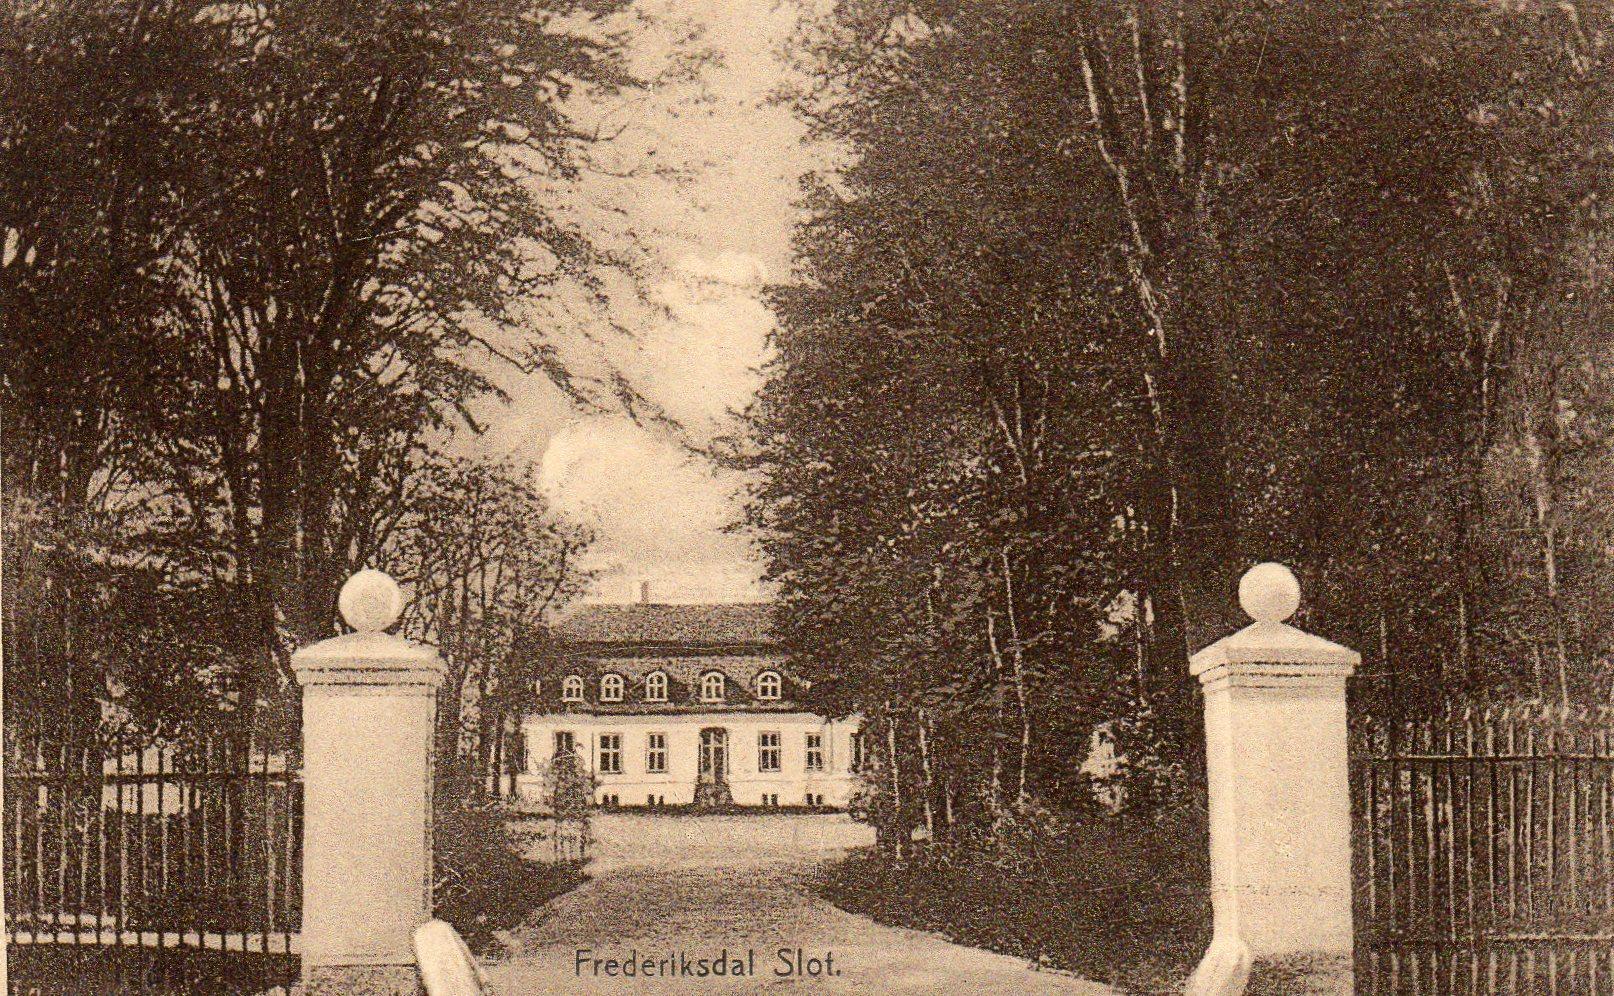 Frederiksdal Slot